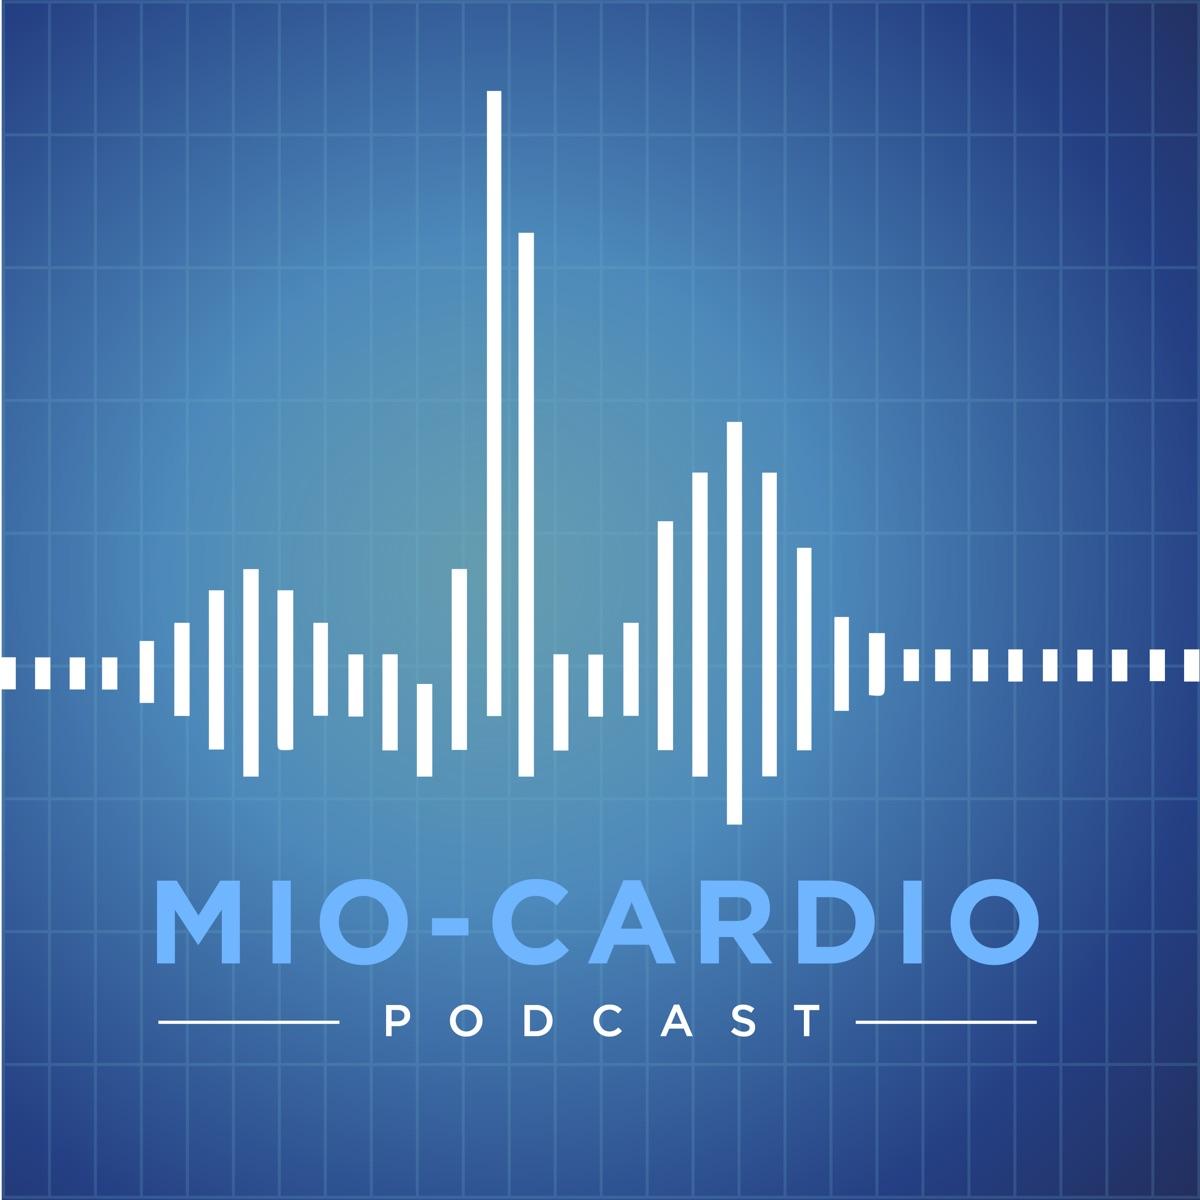 Mío-Cardio Podcast